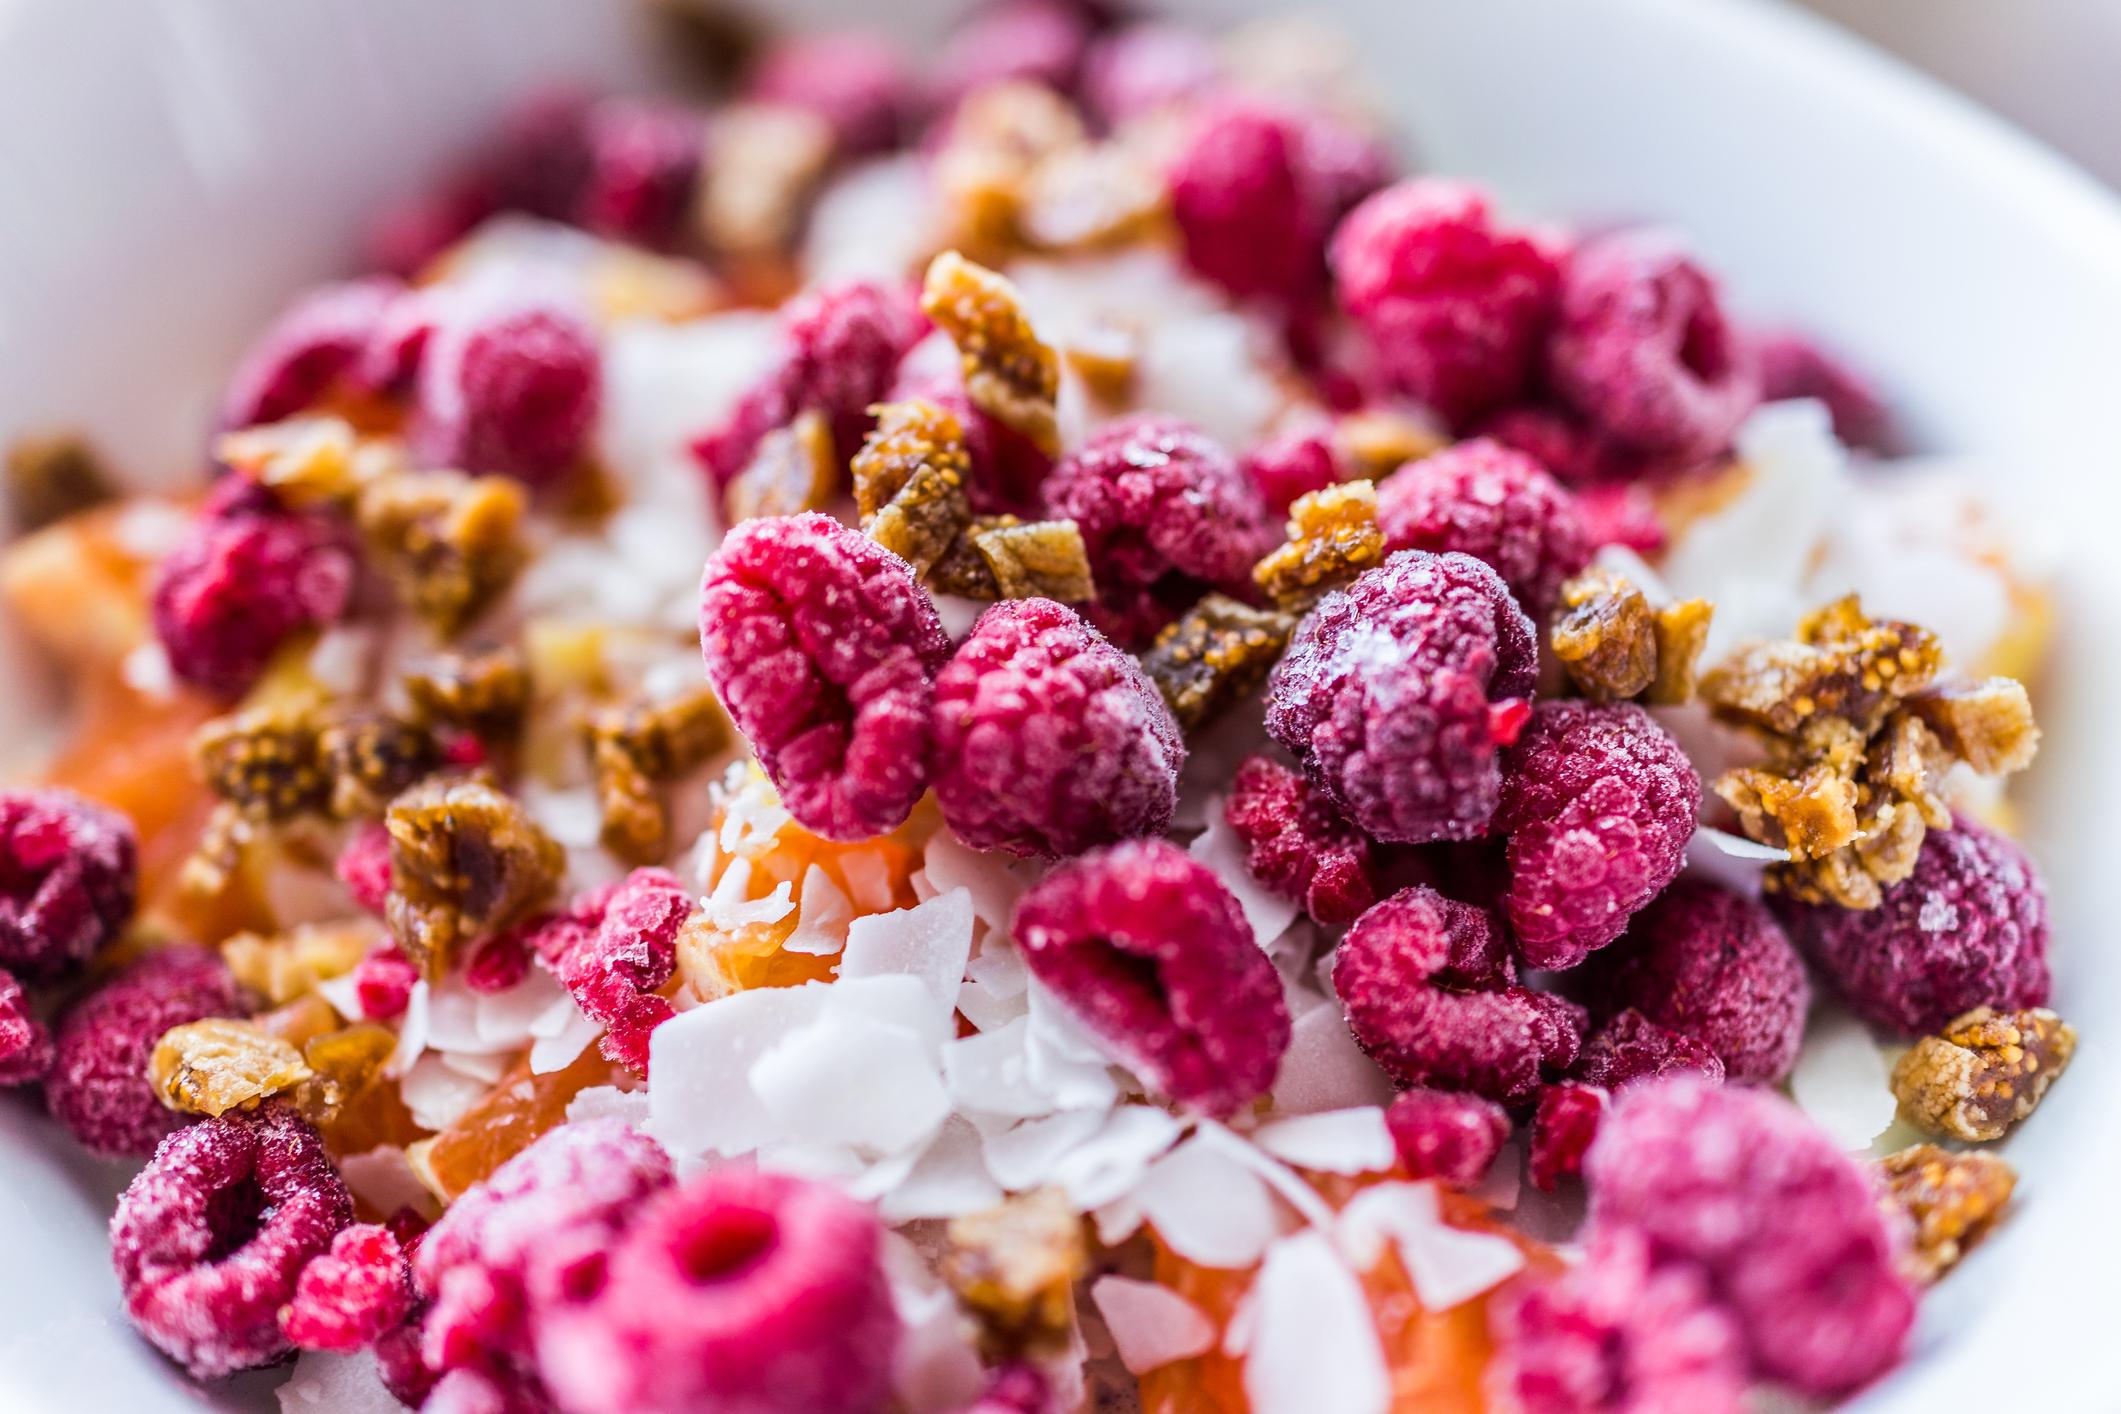 Żywność liofilizowana, a żywność instant